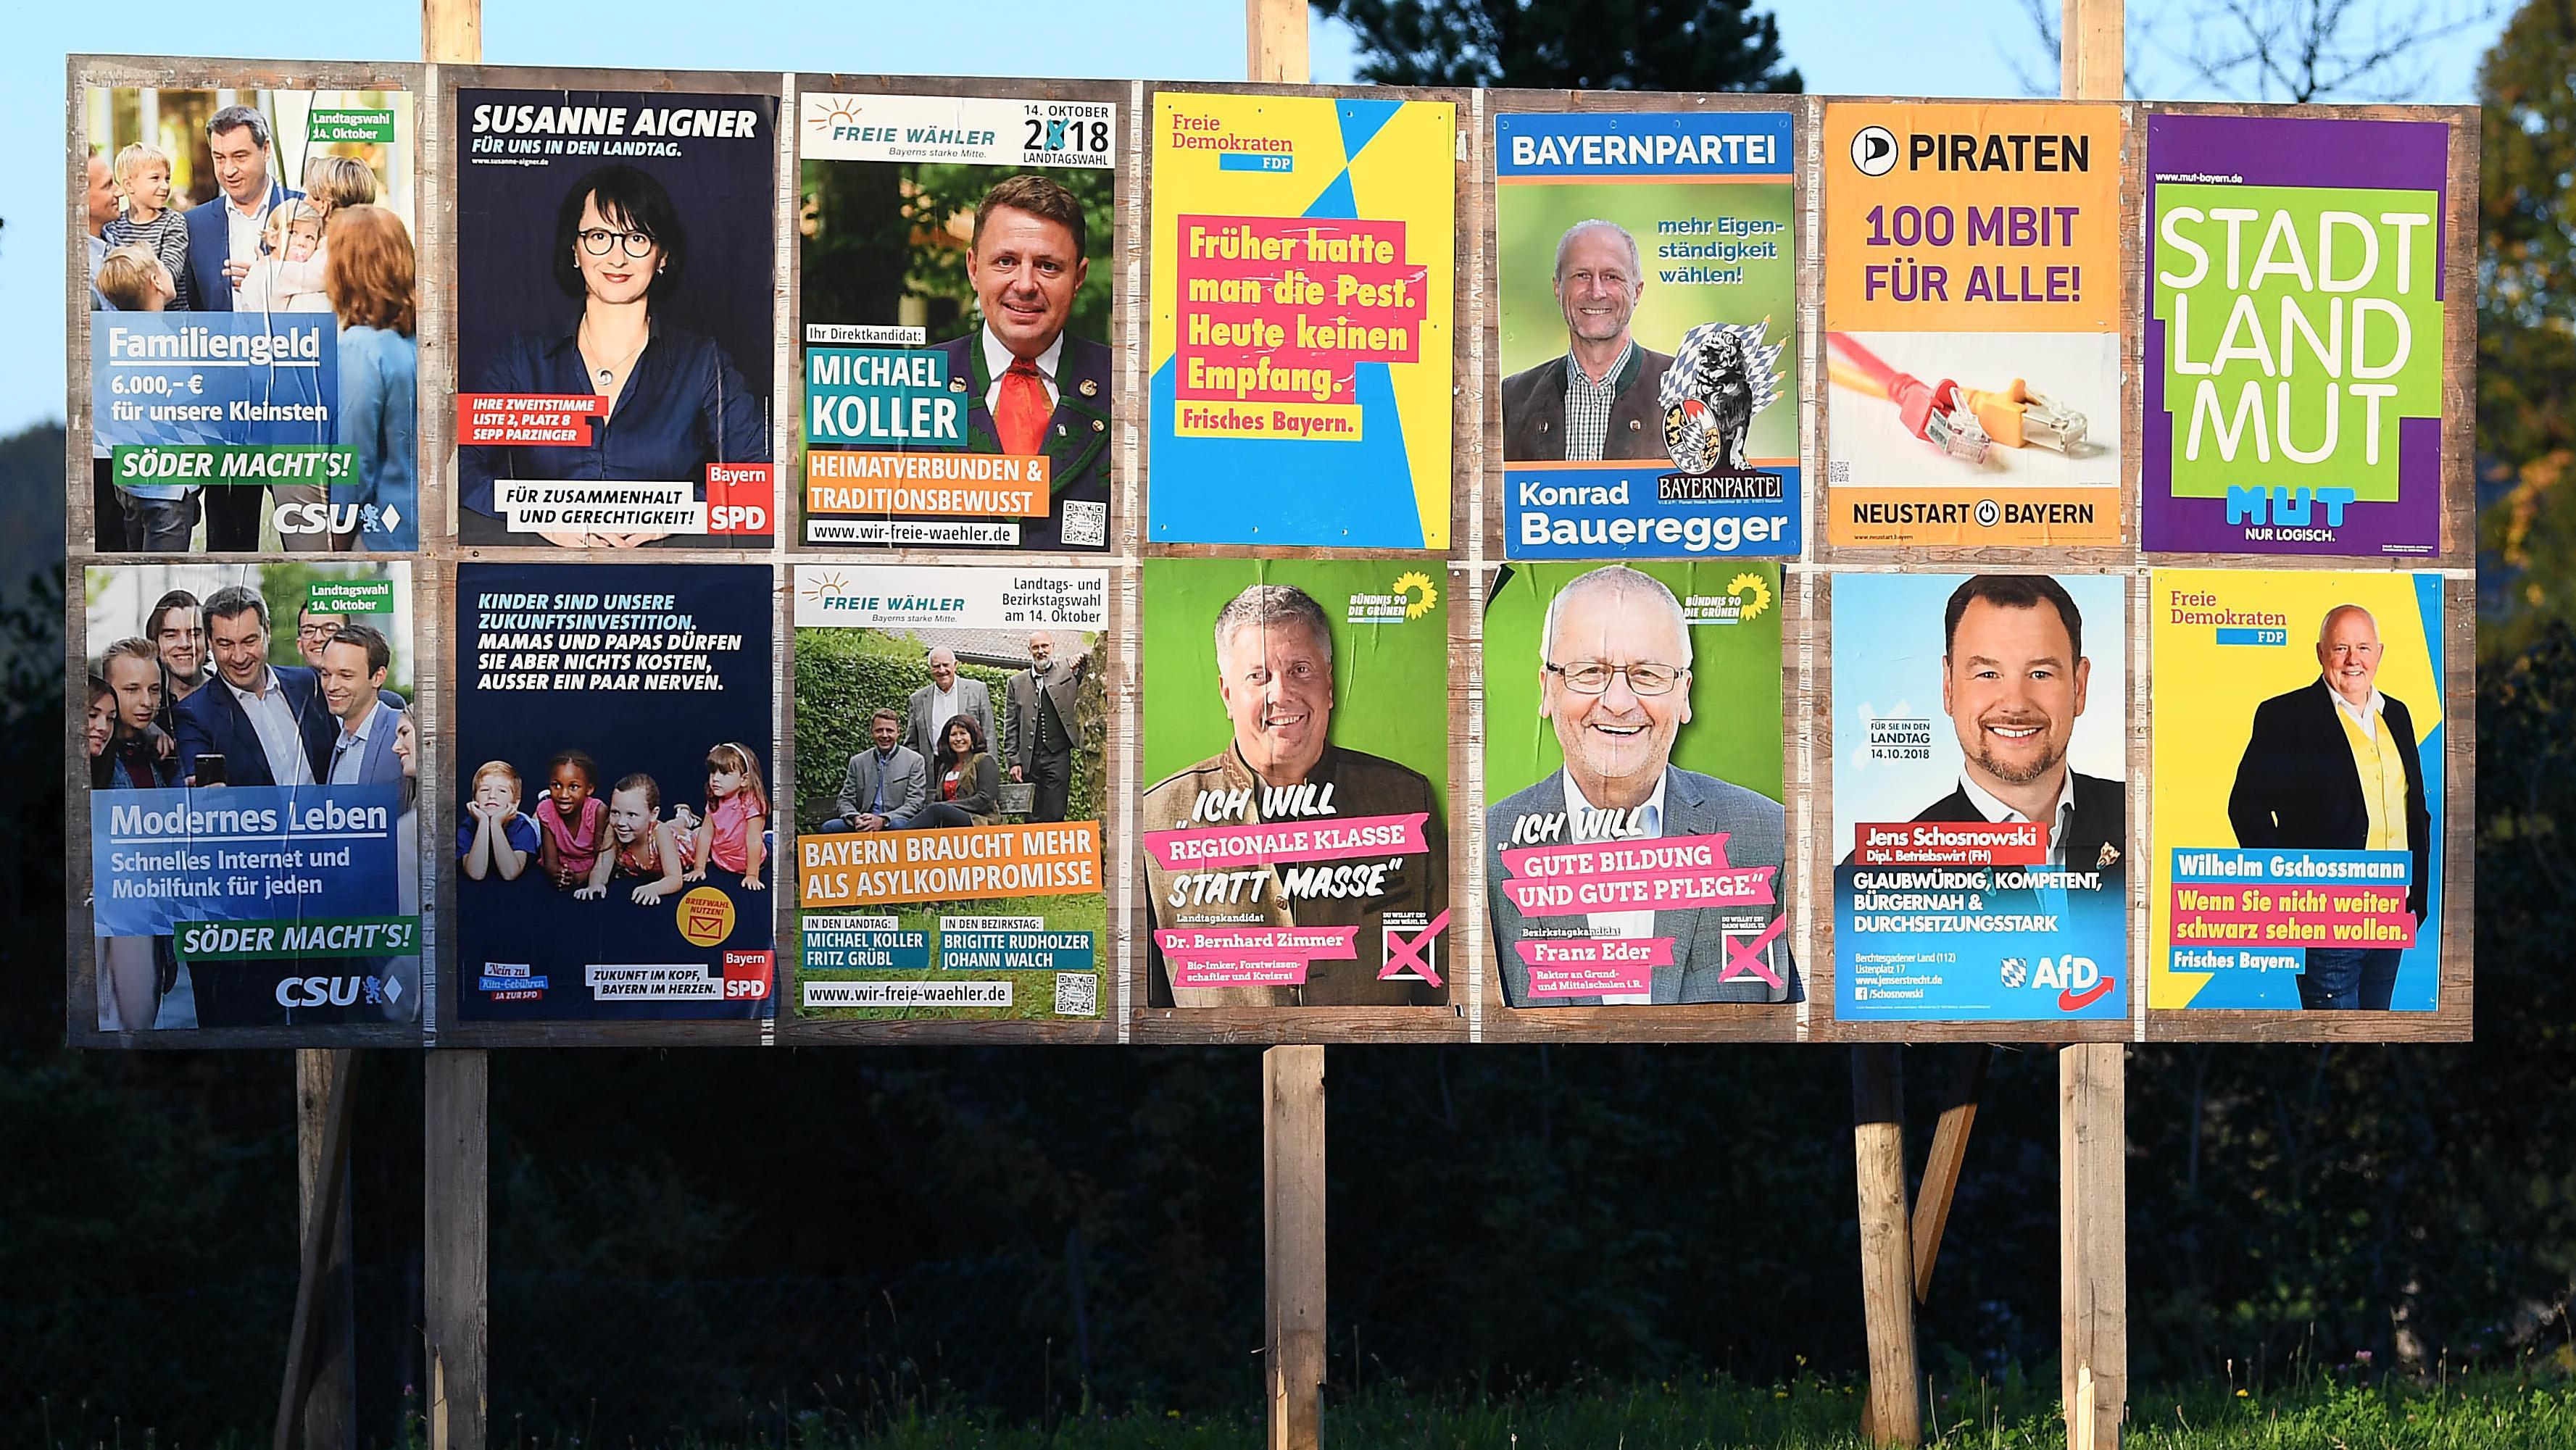 Wahlplakate der verschiedenen Parteien zur Bayerischen Landtagswahl 2018